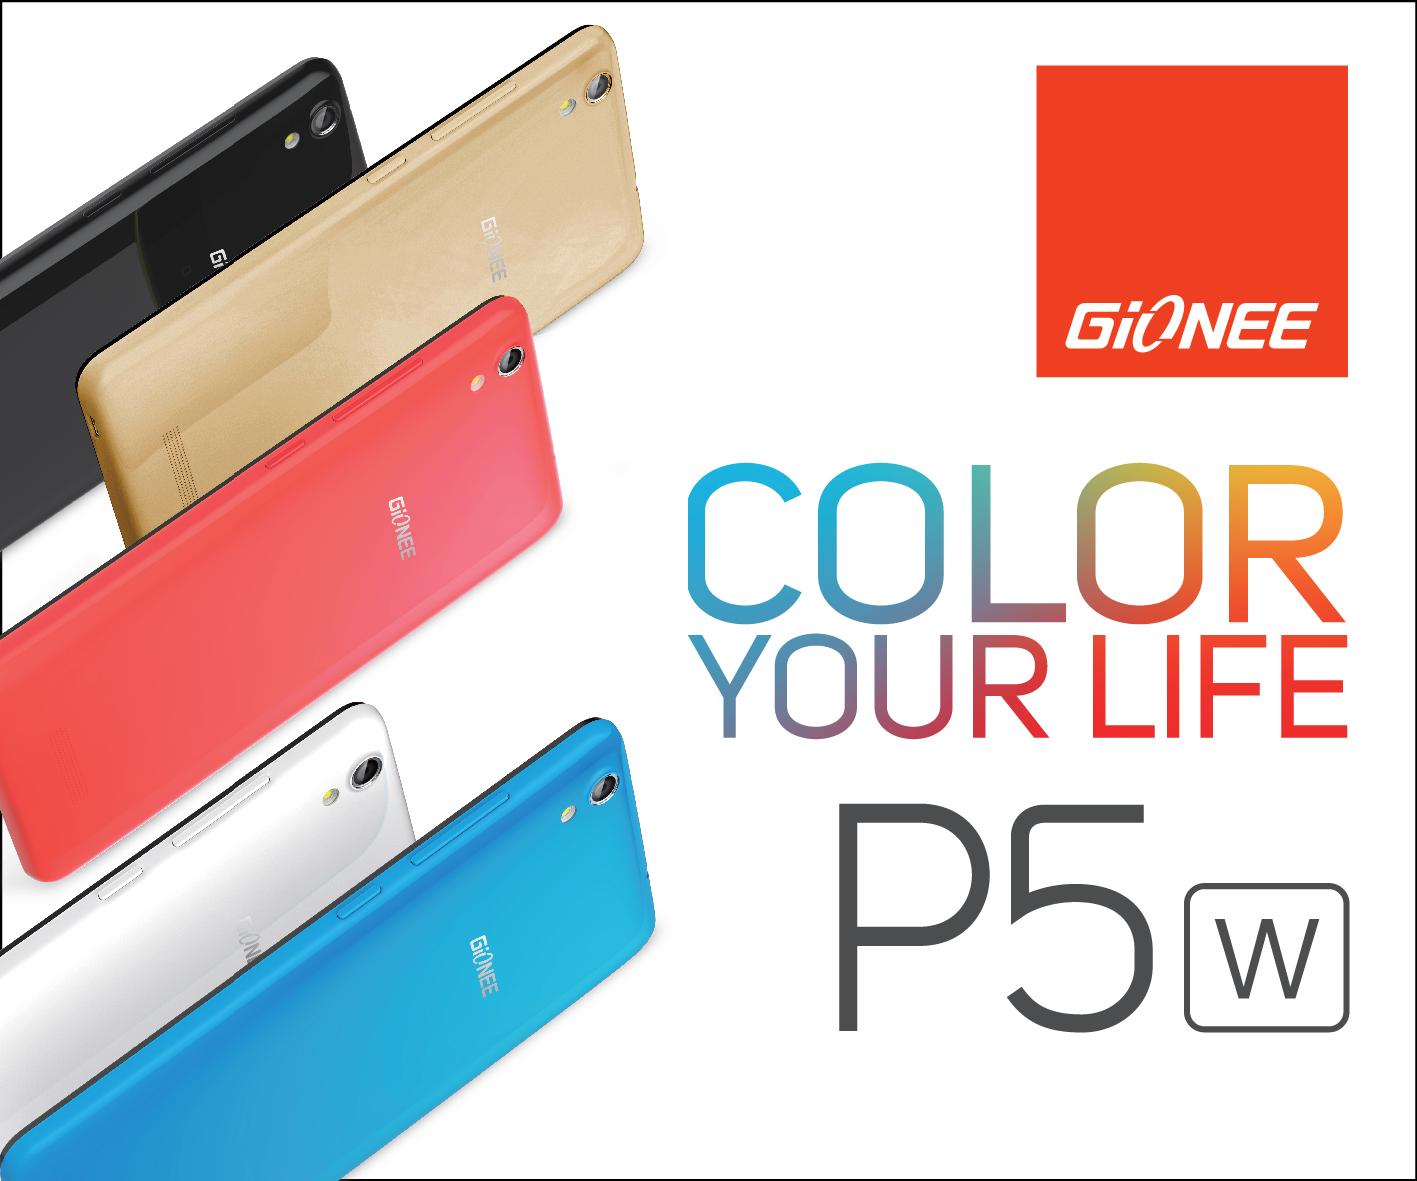 जियोनिले ल्यायो पी फाइभ डब्लु स्मार्टफोन, एचडी डिस्प्ले र २ जीबी र्याम